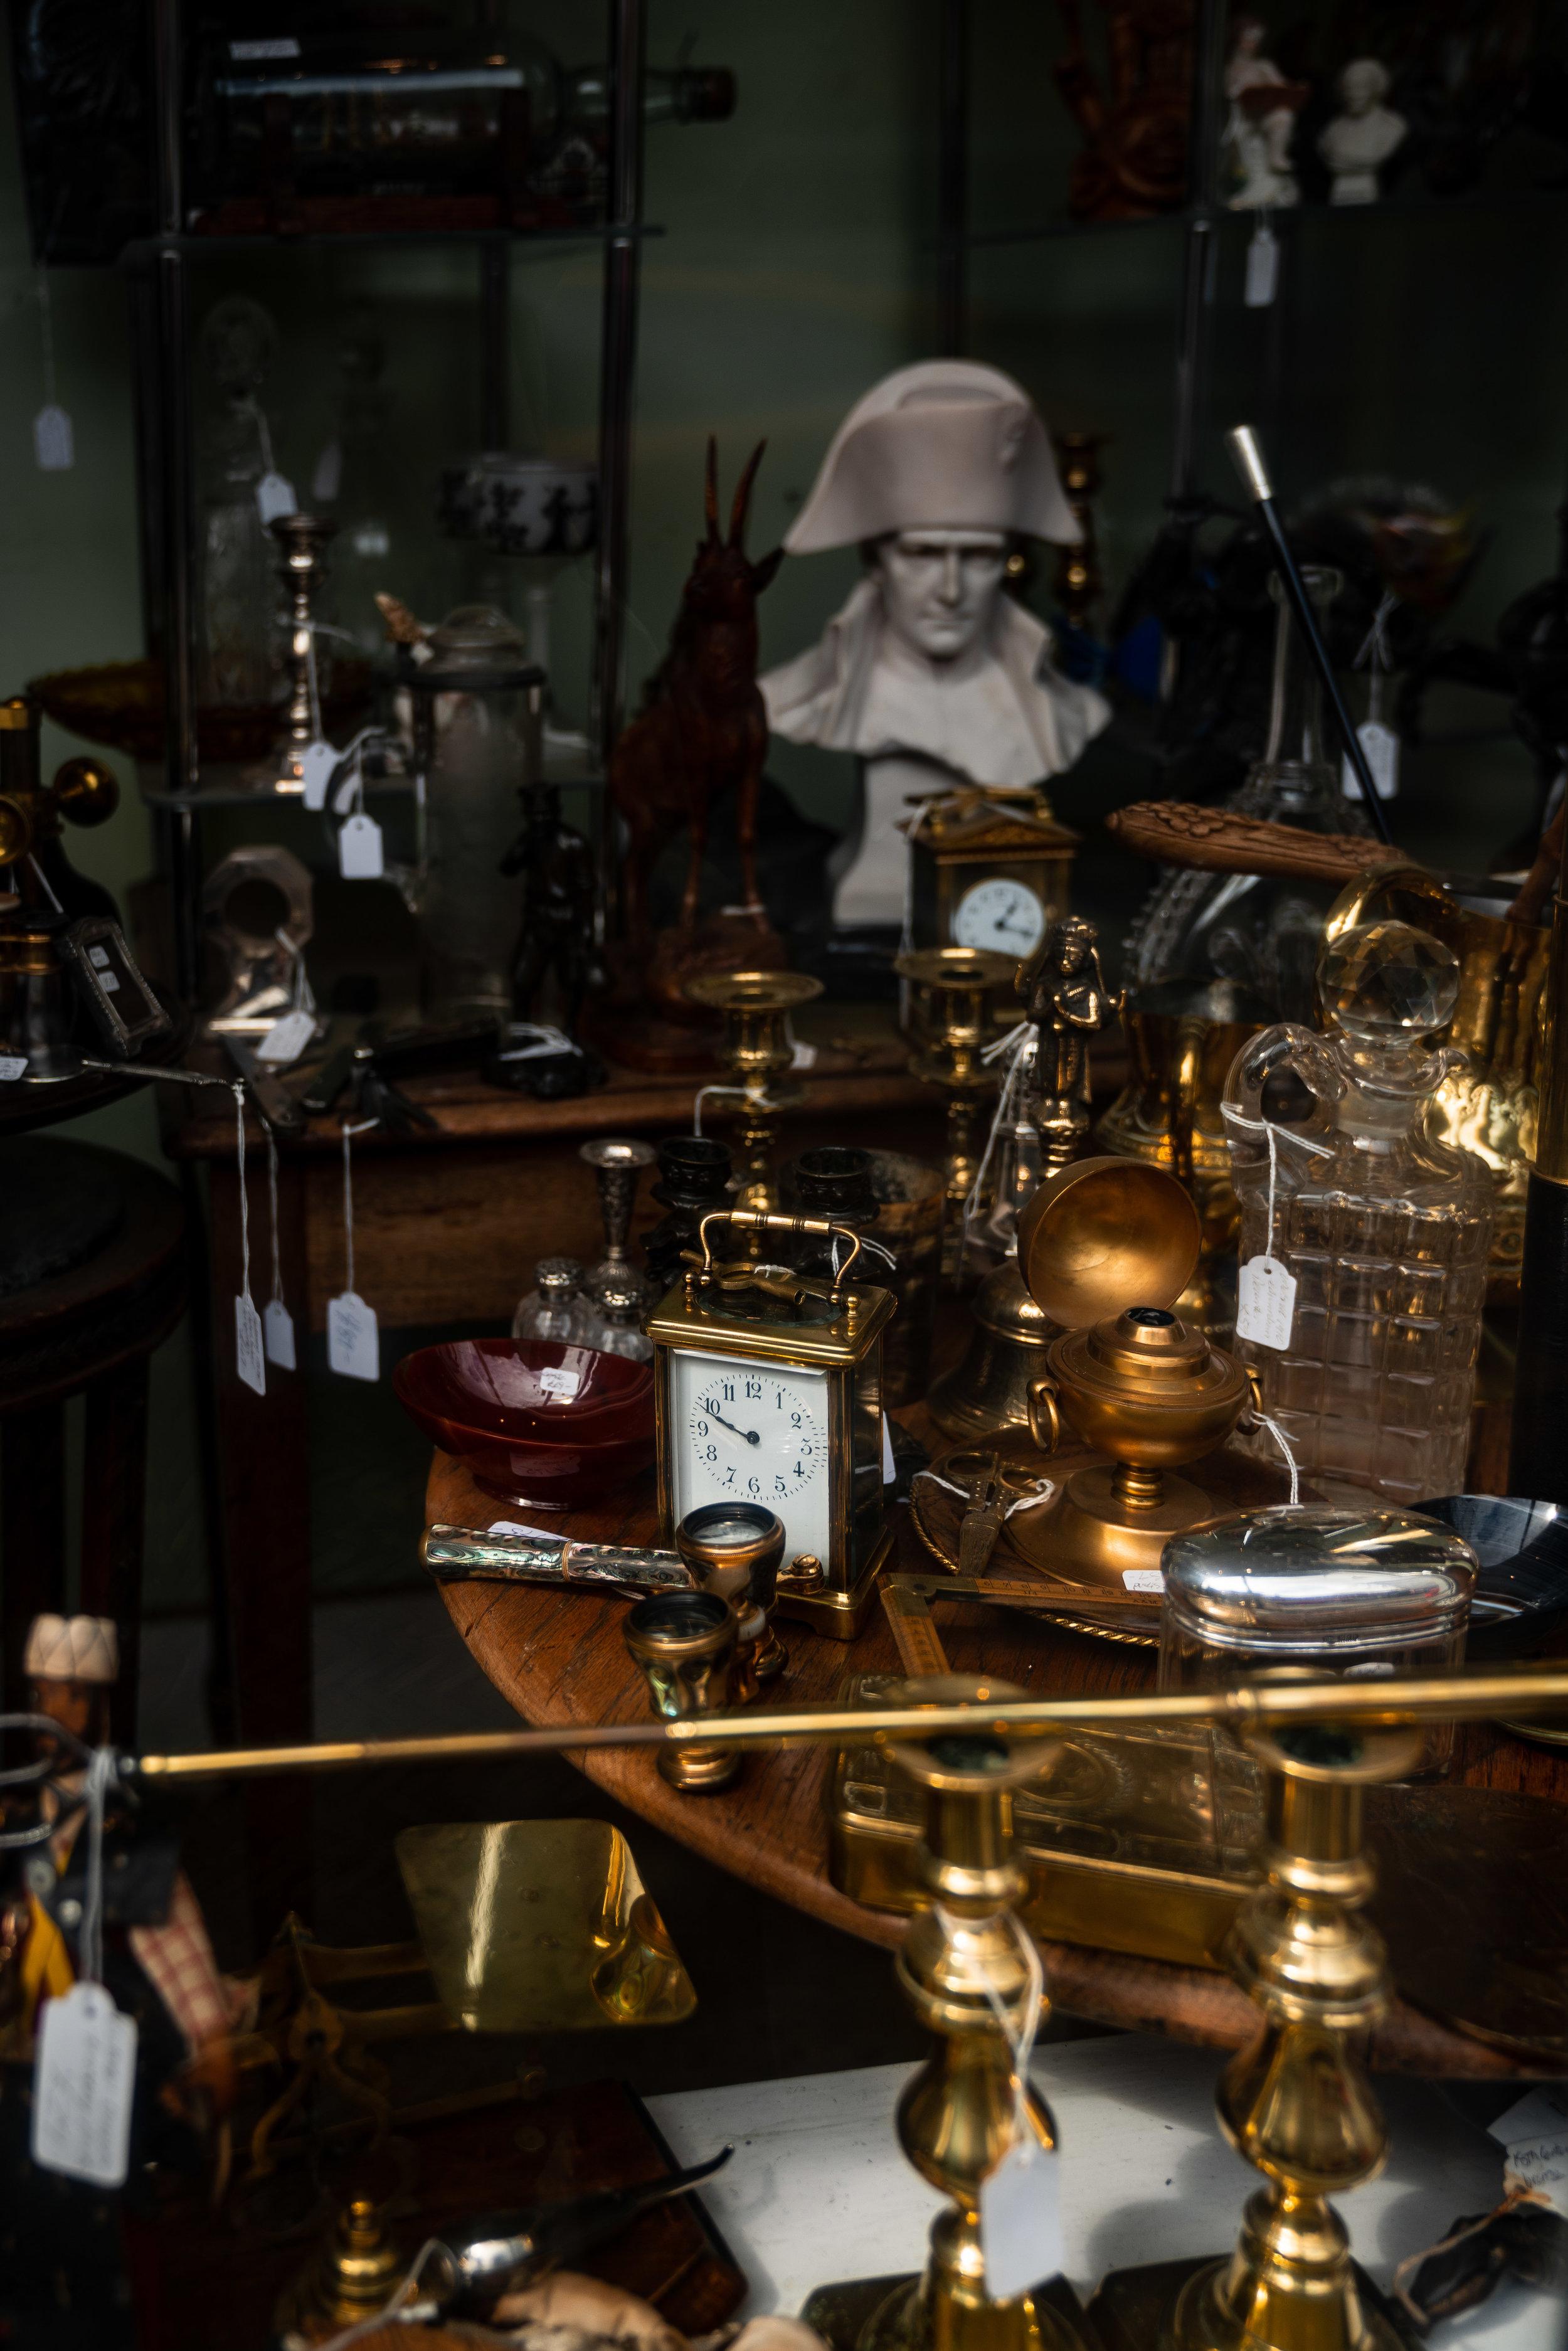 Antique shops, Eton